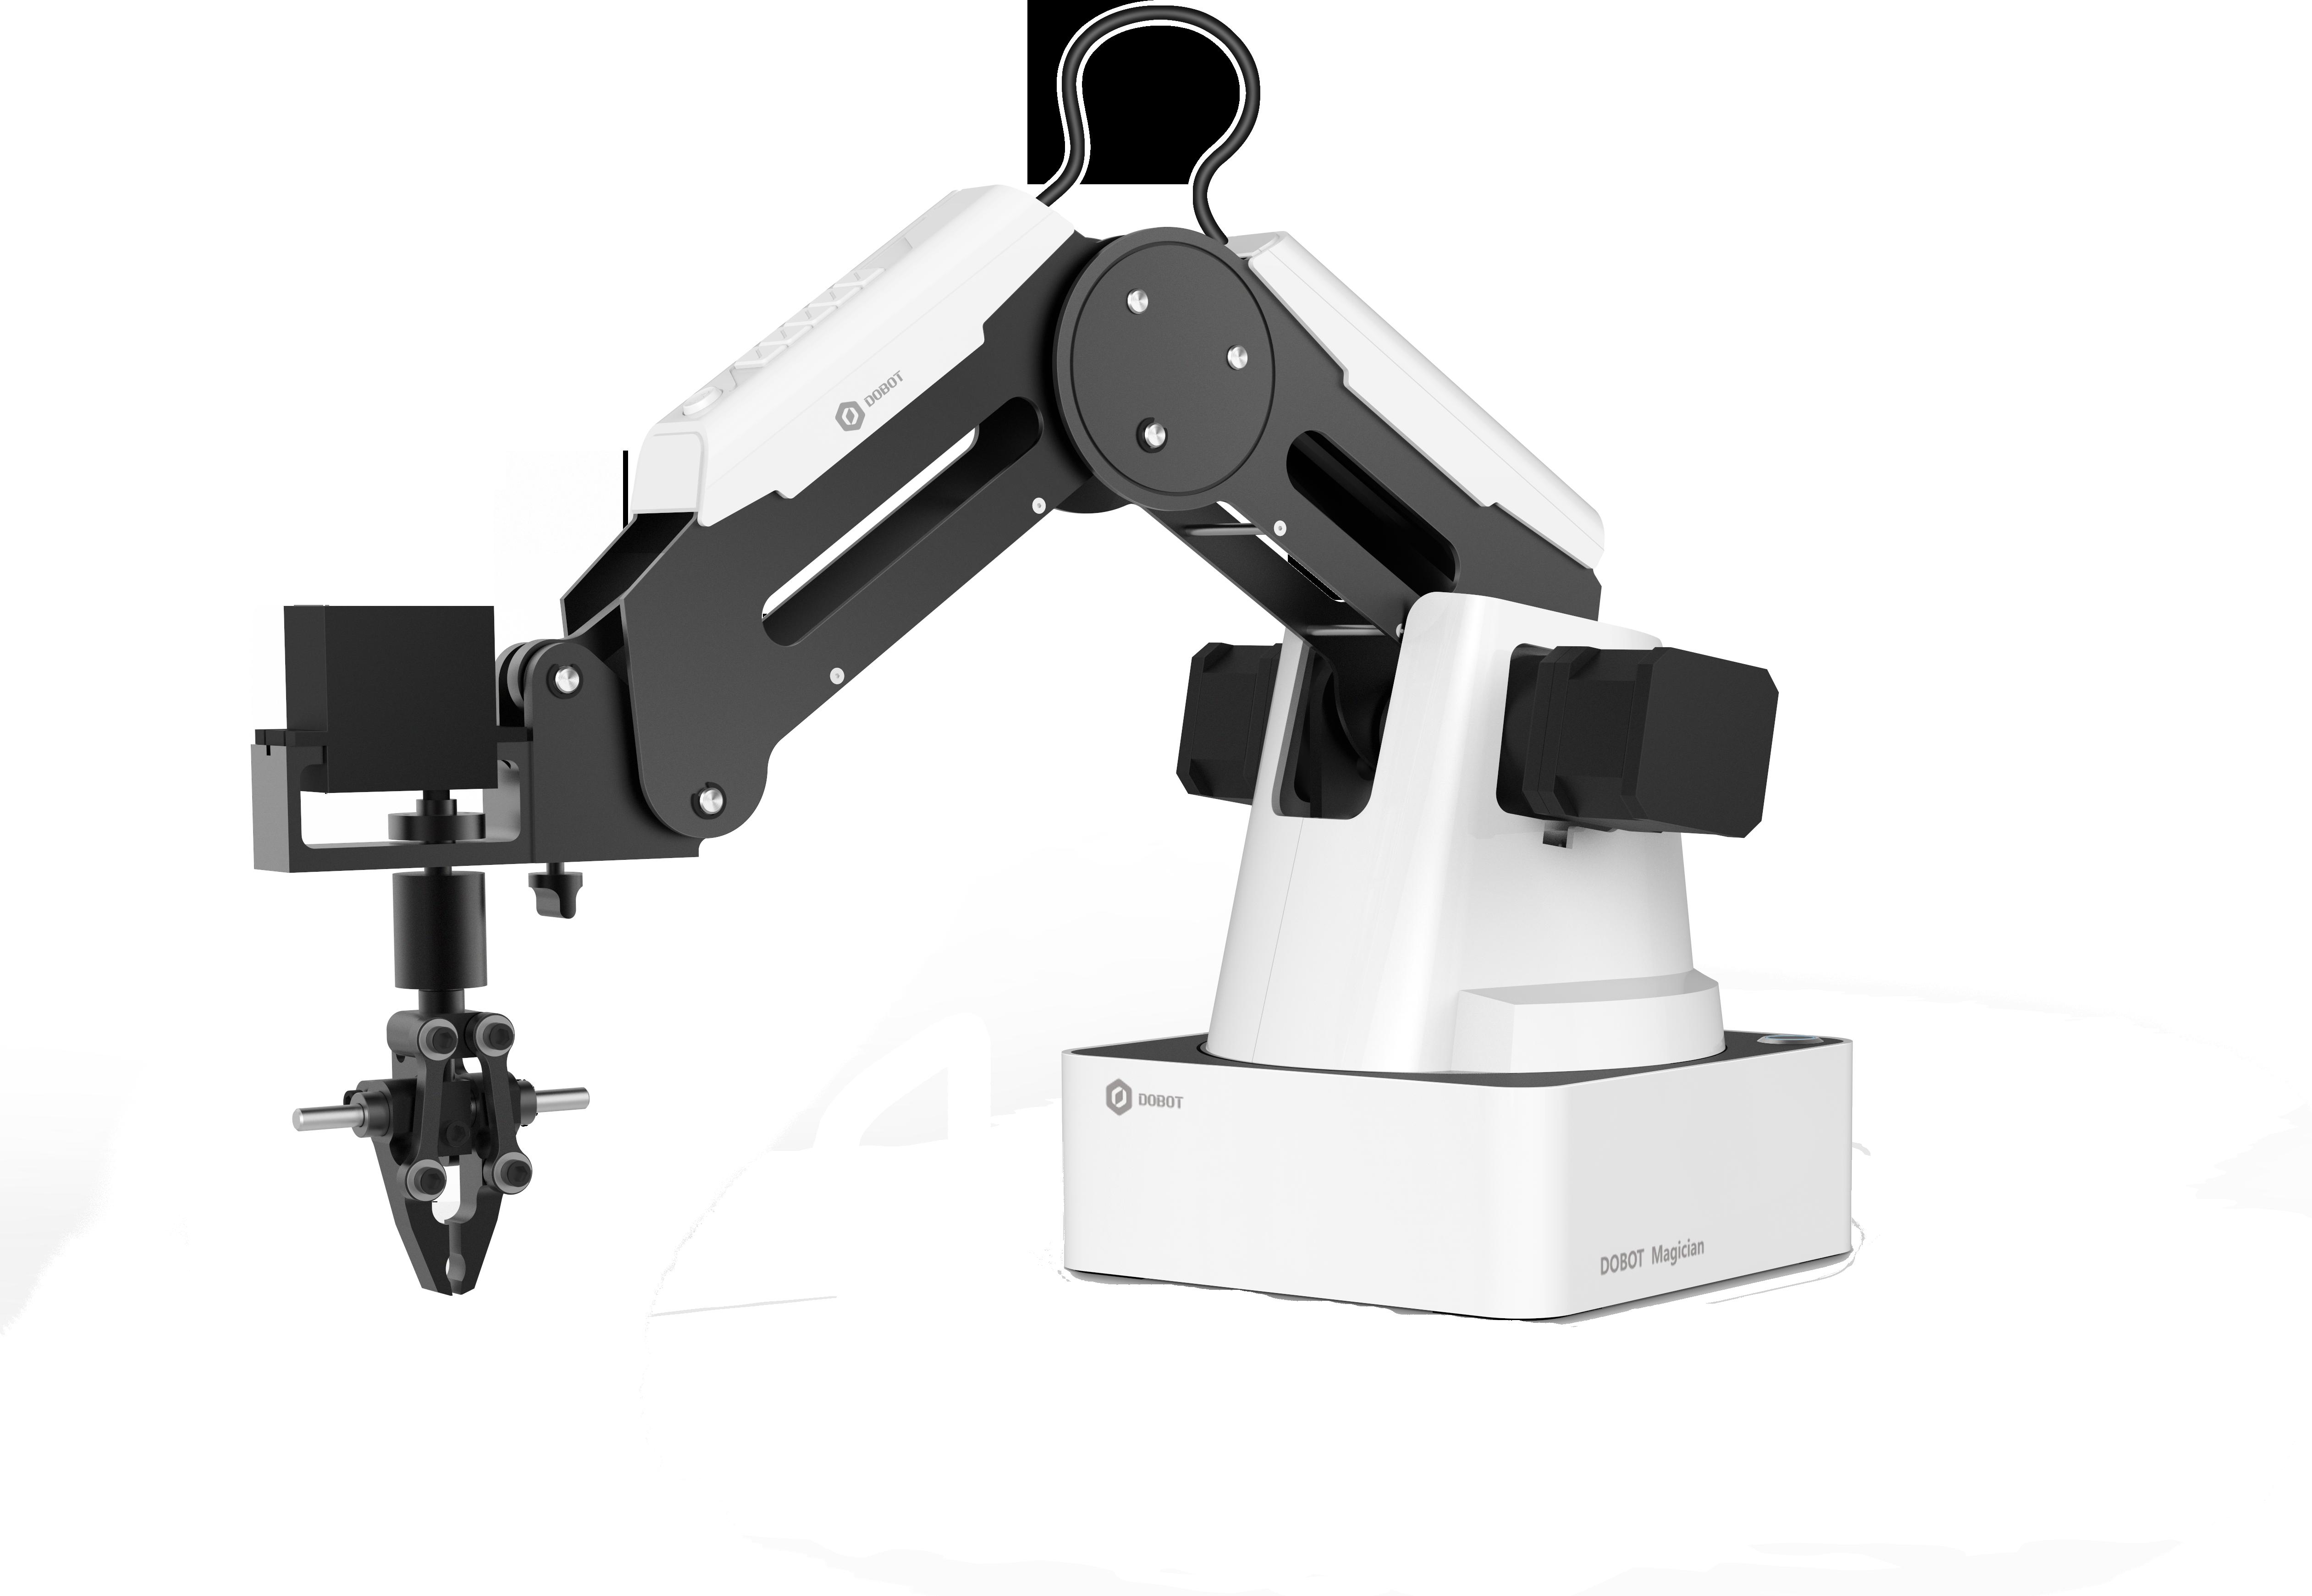 RobotLAB Dobot Robotic Arm-1-2-2.png